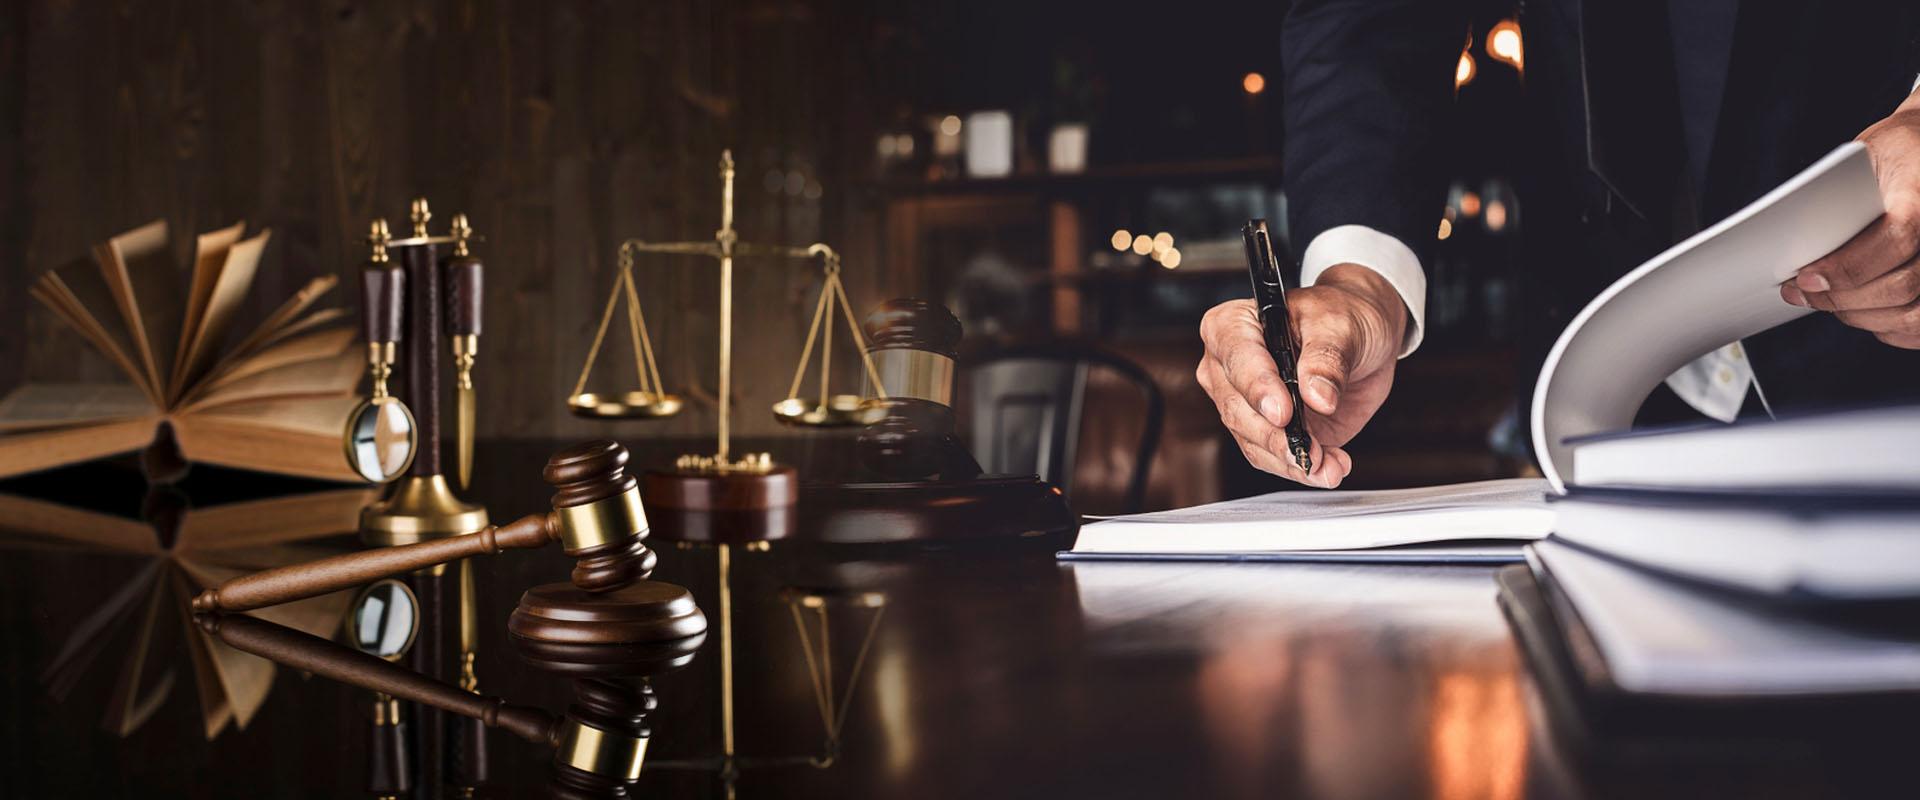 Anasayfa  - YSA Hukuk & Danışmanlık